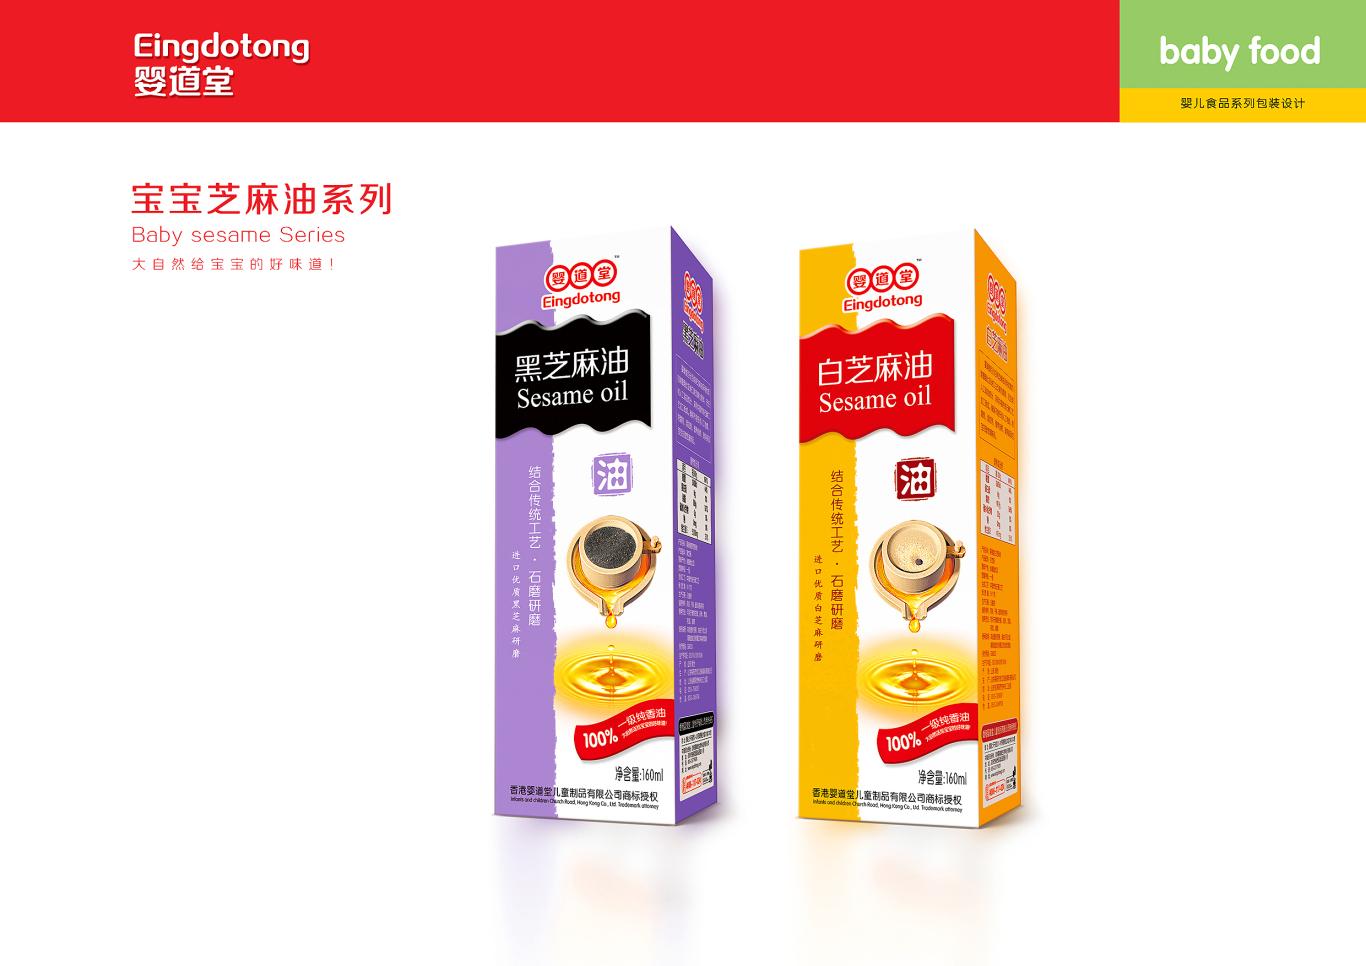 香港婴道堂品牌包装设计图9